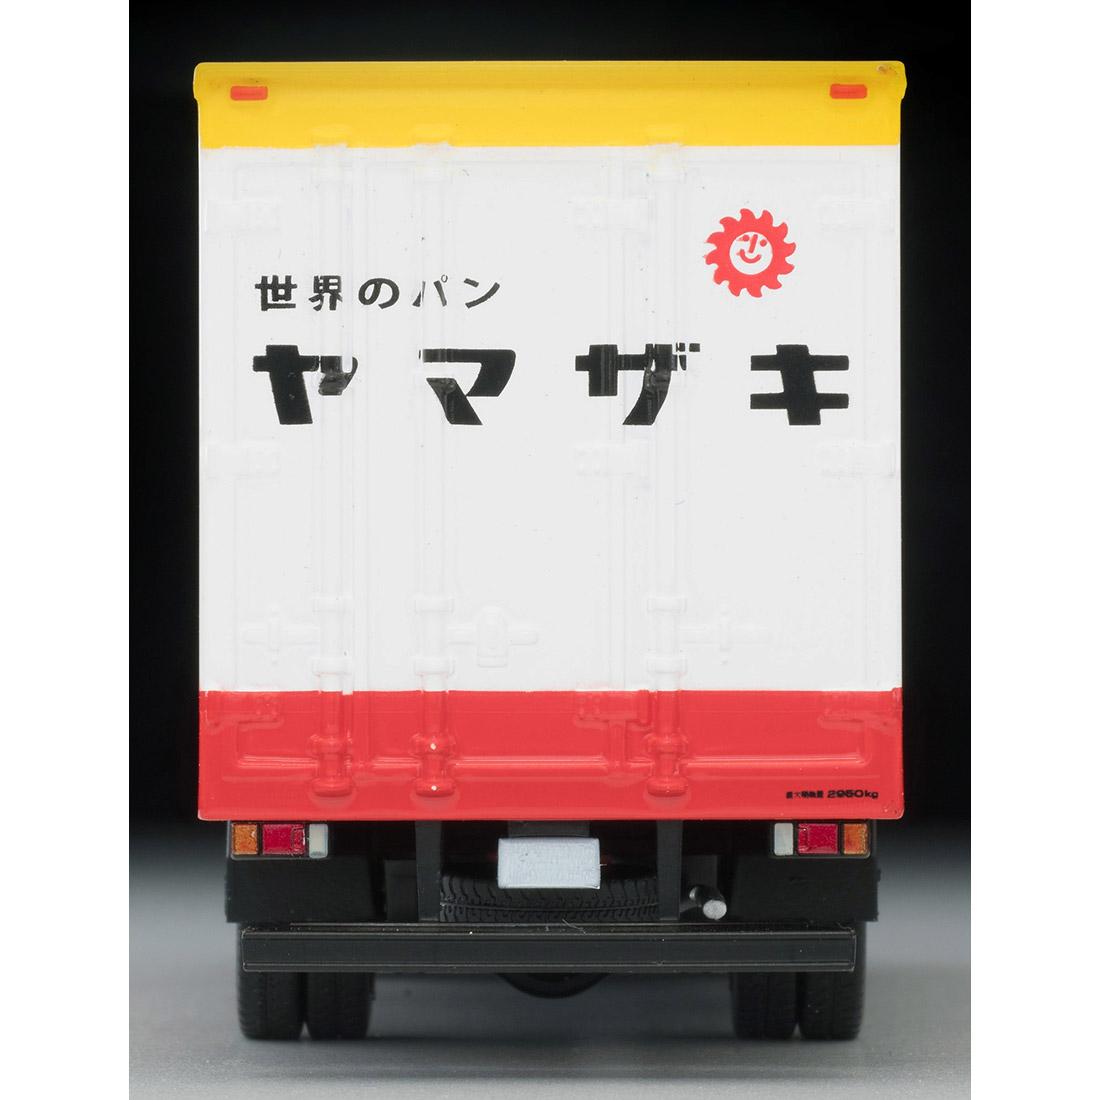 トミカリミテッドヴィンテージ ネオ LV-N195b『いすゞエルフ パネルバン(ヤマザキパン)』1/64 ミニカー-005